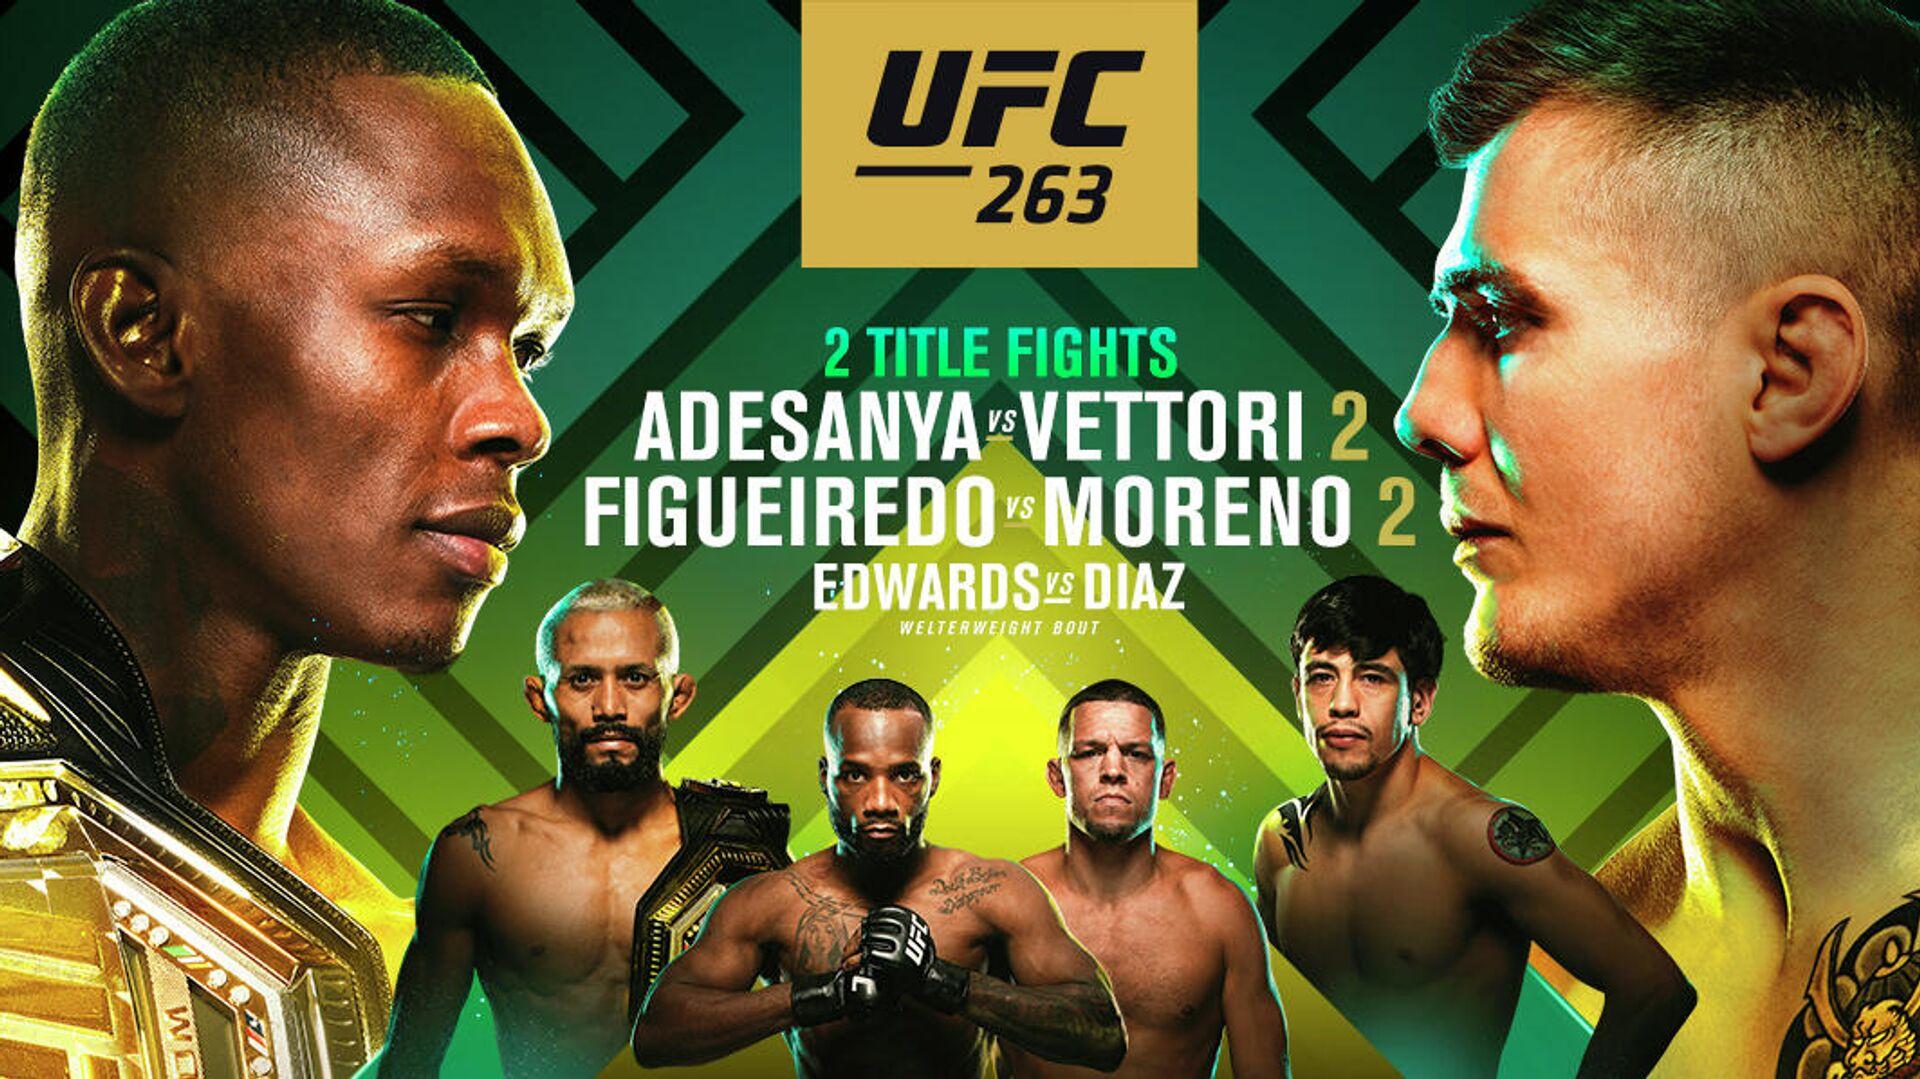 Постер UFC 263 - РИА Новости, 1920, 13.06.2021